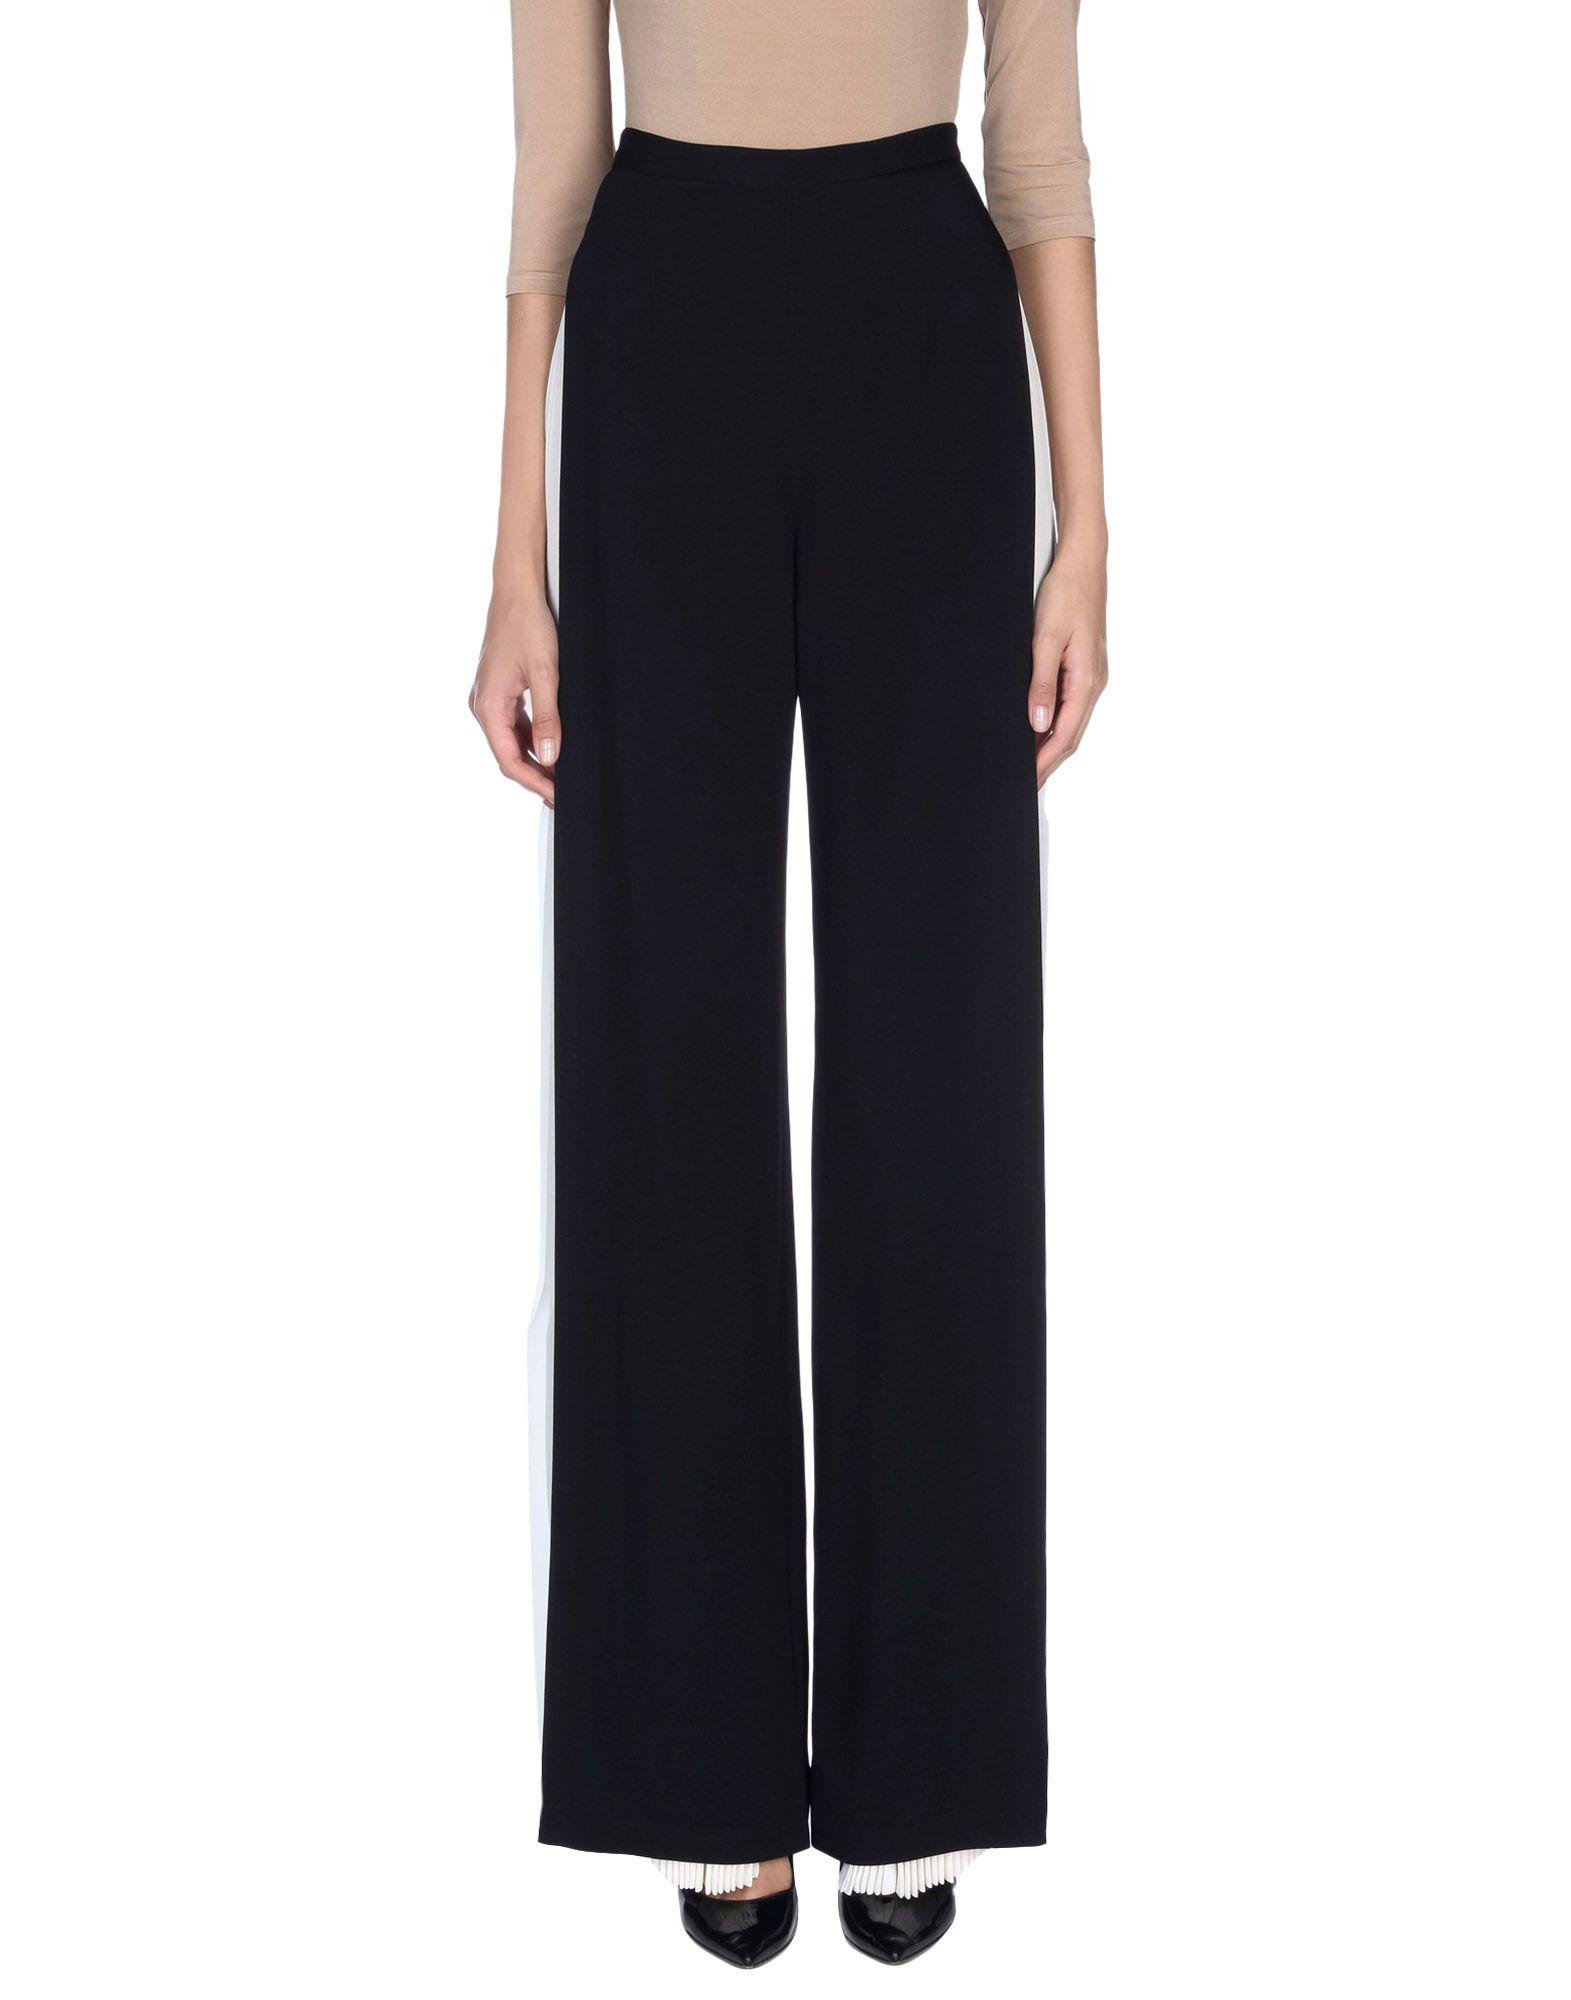 Pantalone Capucci Donna - Acquista online su Pn0IZonp